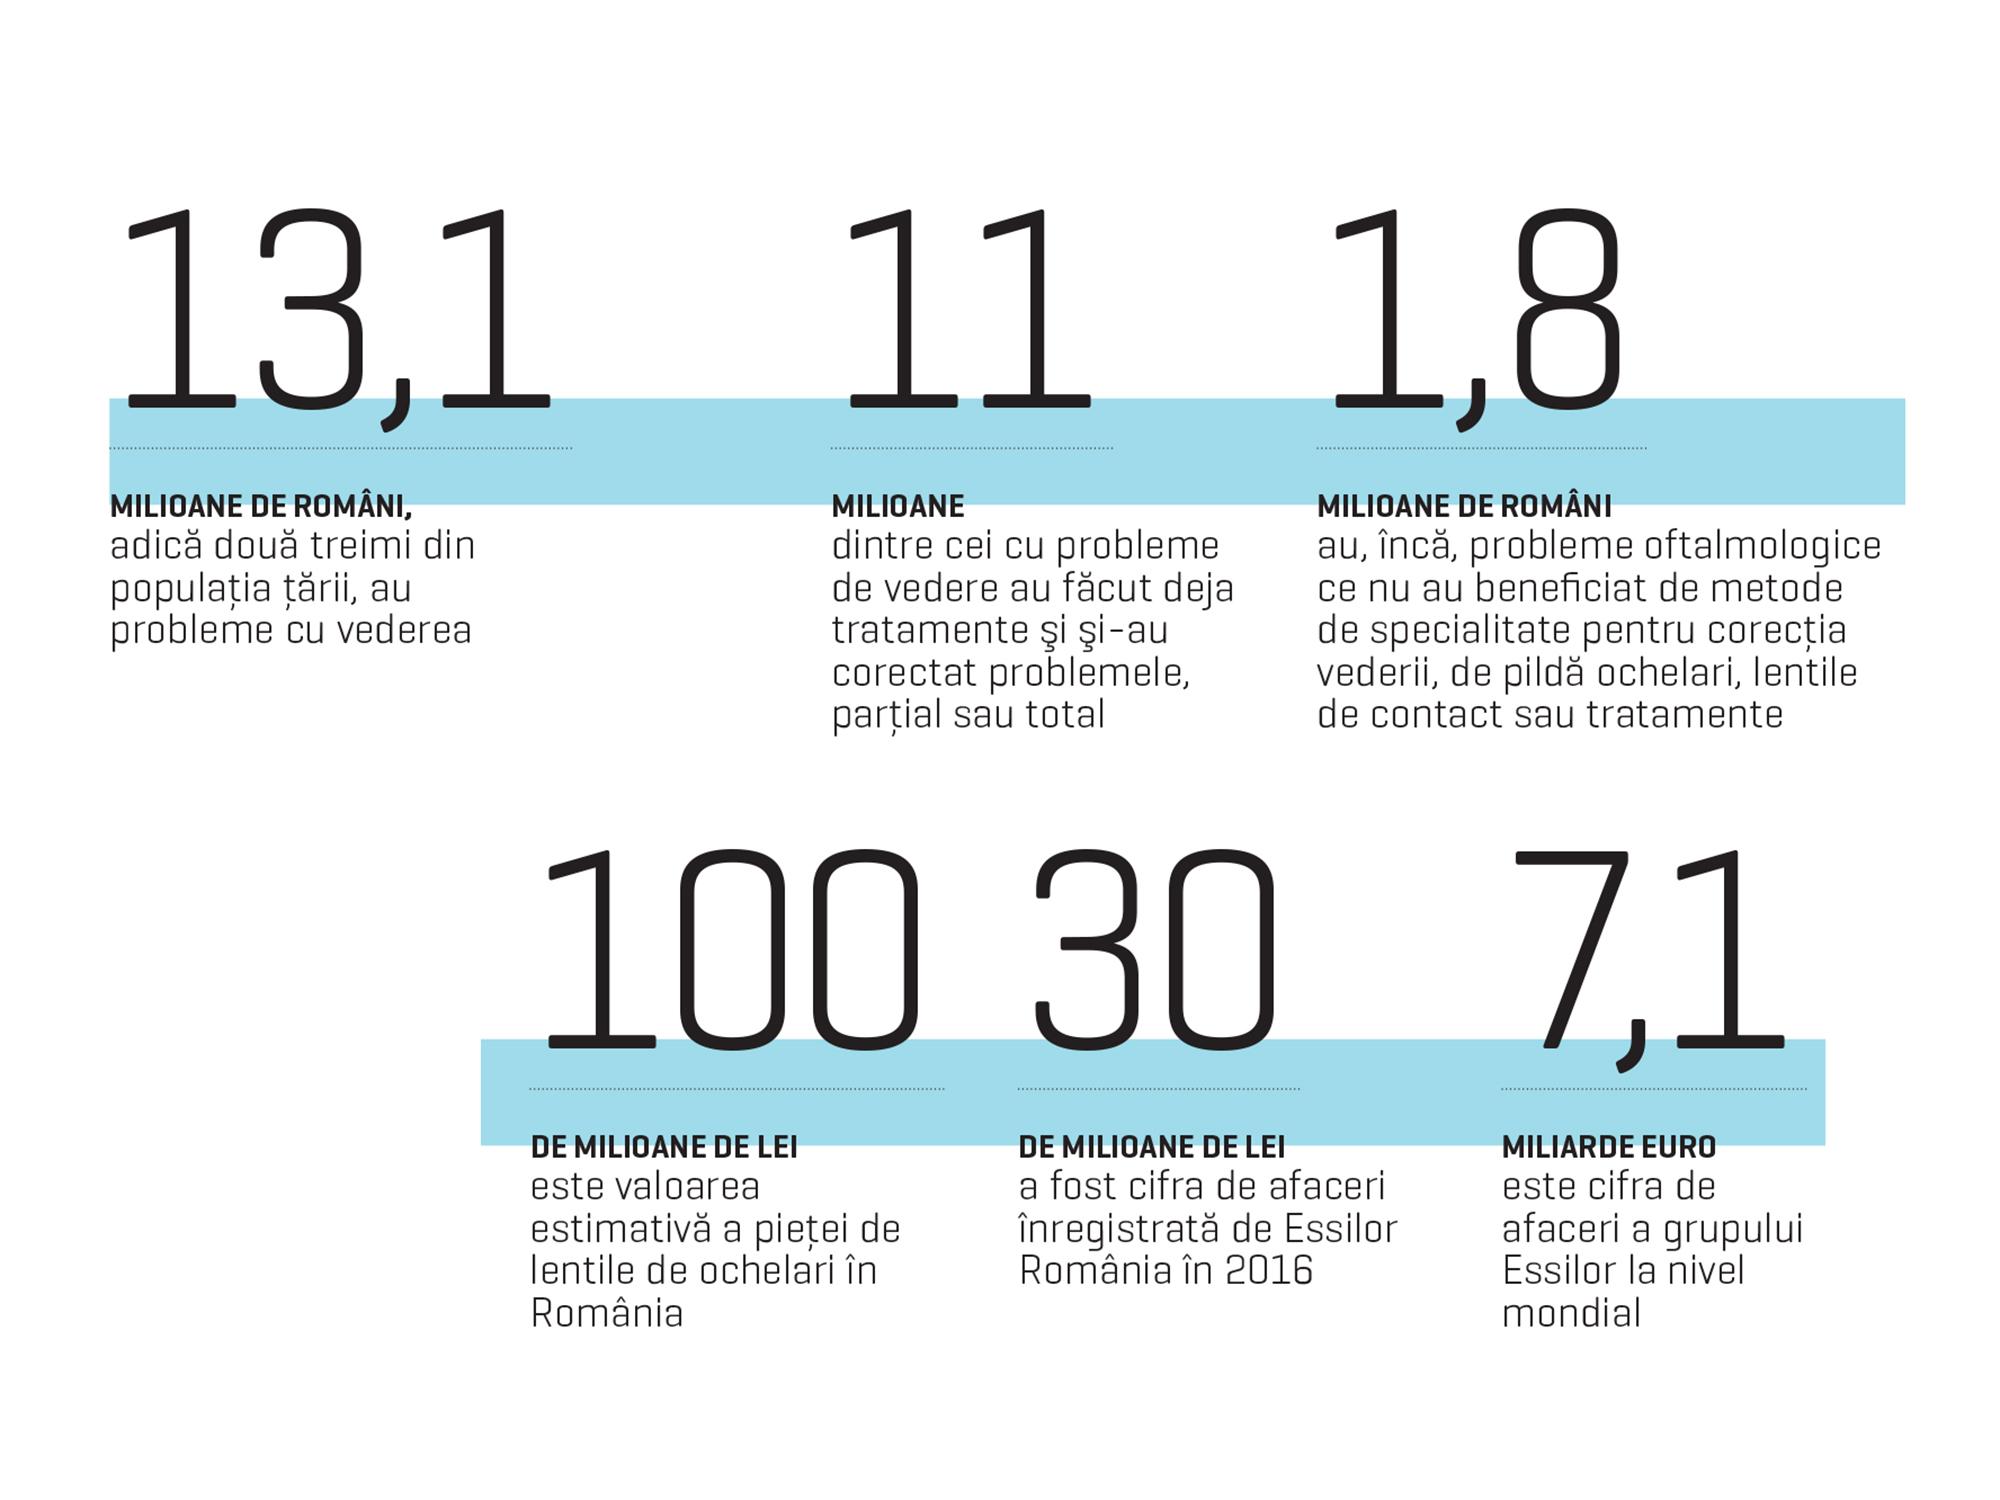 Vederea de 45 de ani se deteriorează rezultatele tabelului de testare a vederii